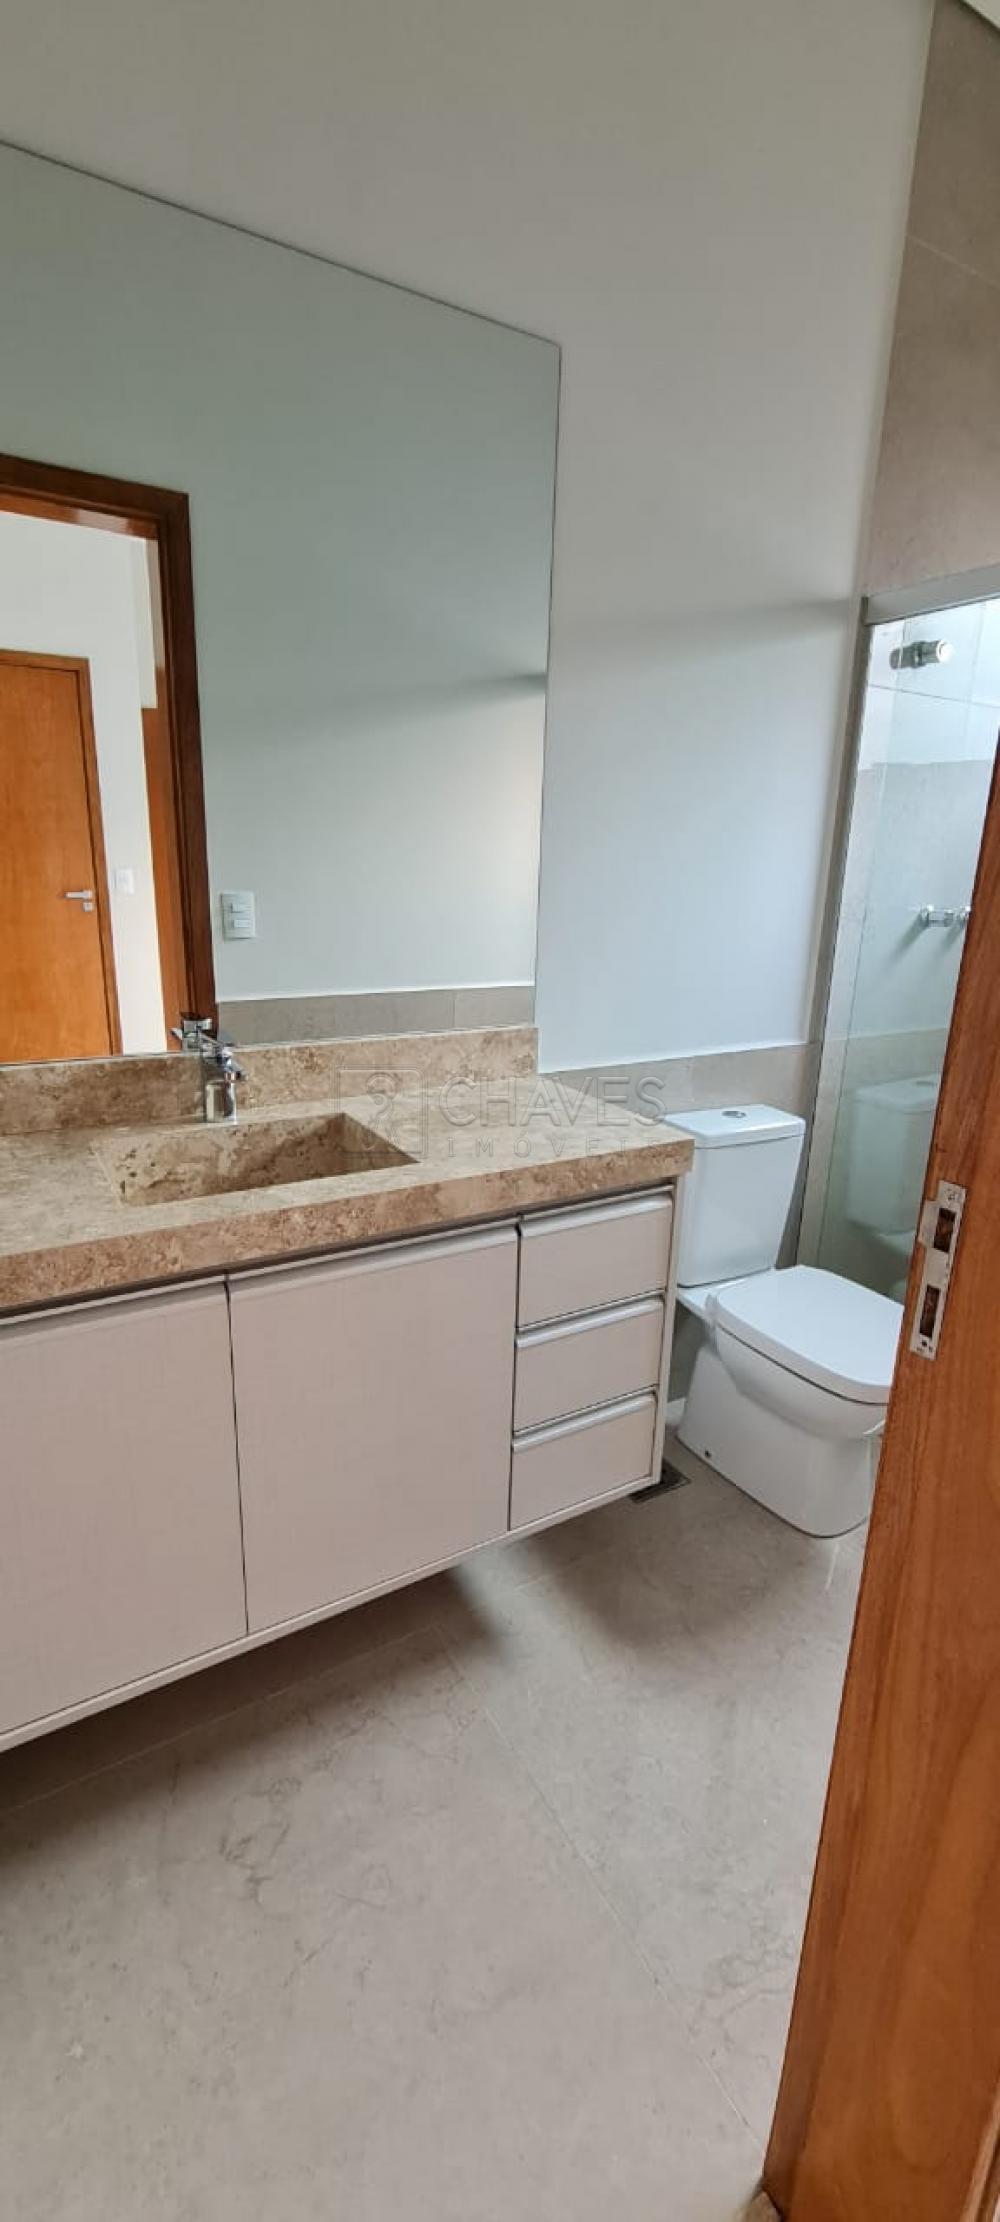 Comprar Casa / Condomínio em Ribeirão Preto apenas R$ 1.050.000,00 - Foto 22